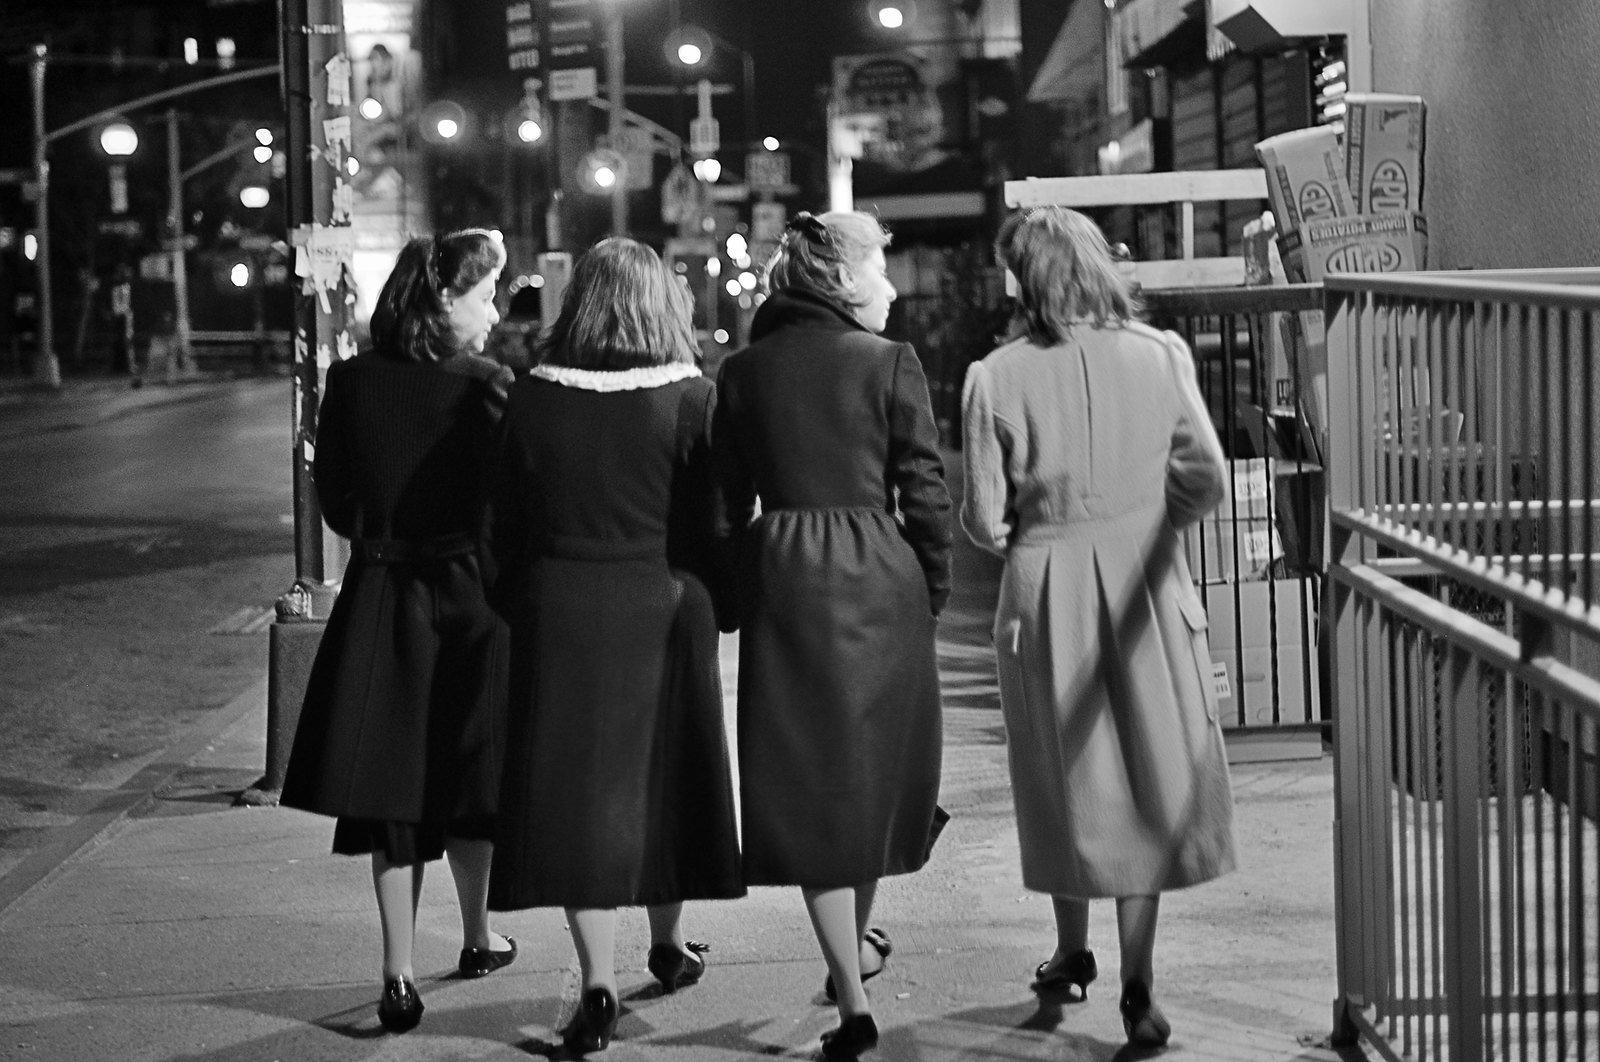 Chicas judías jasídicas, Williamsburg, Brooklyn